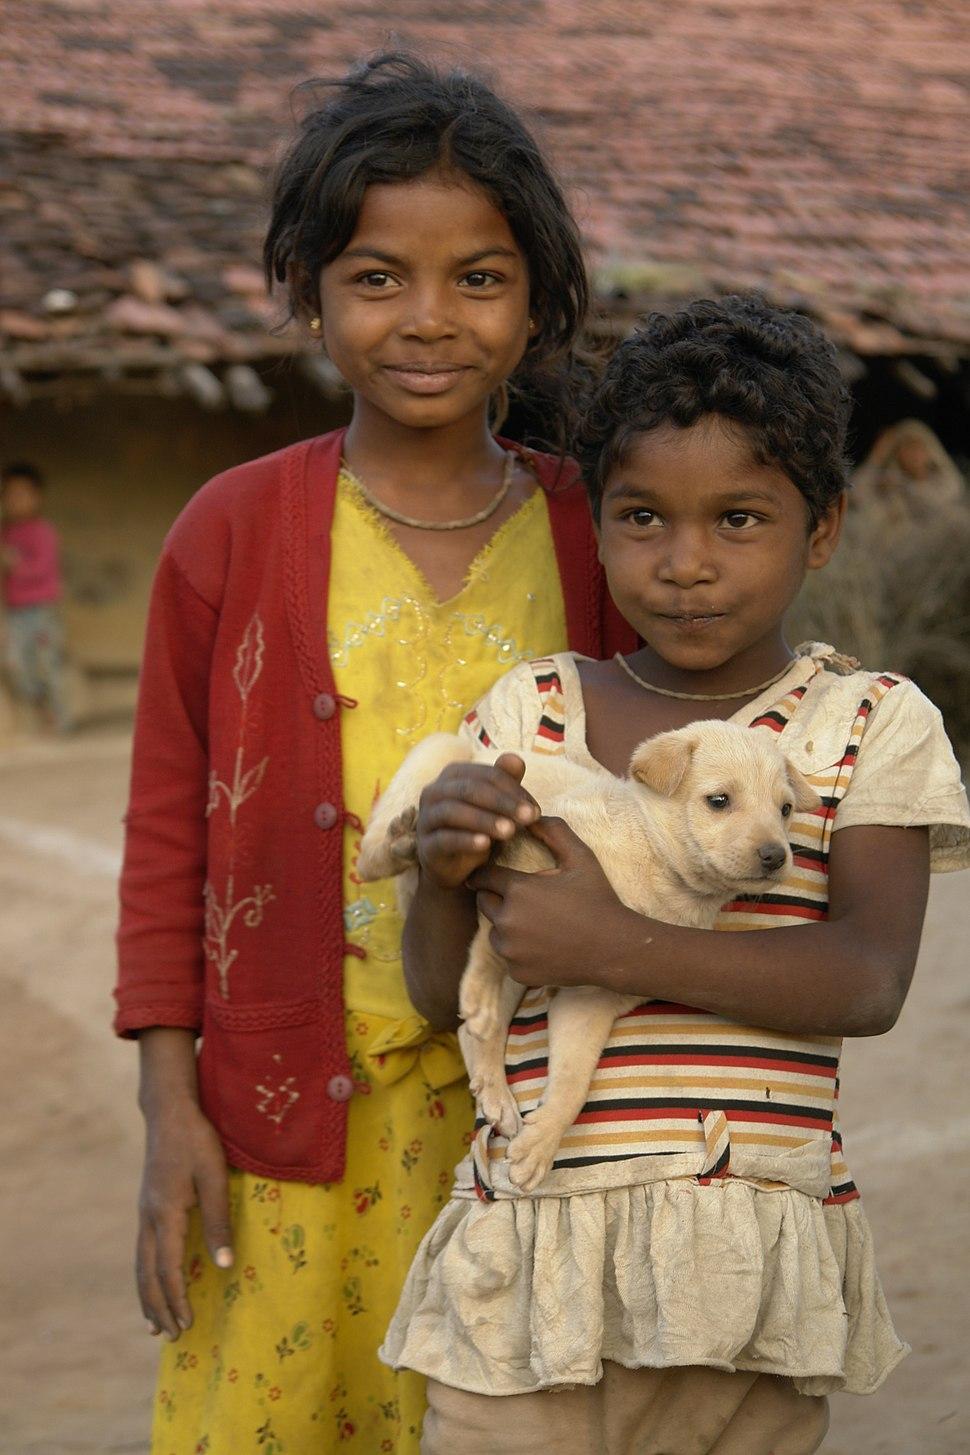 Children in Raisen district, MP, India